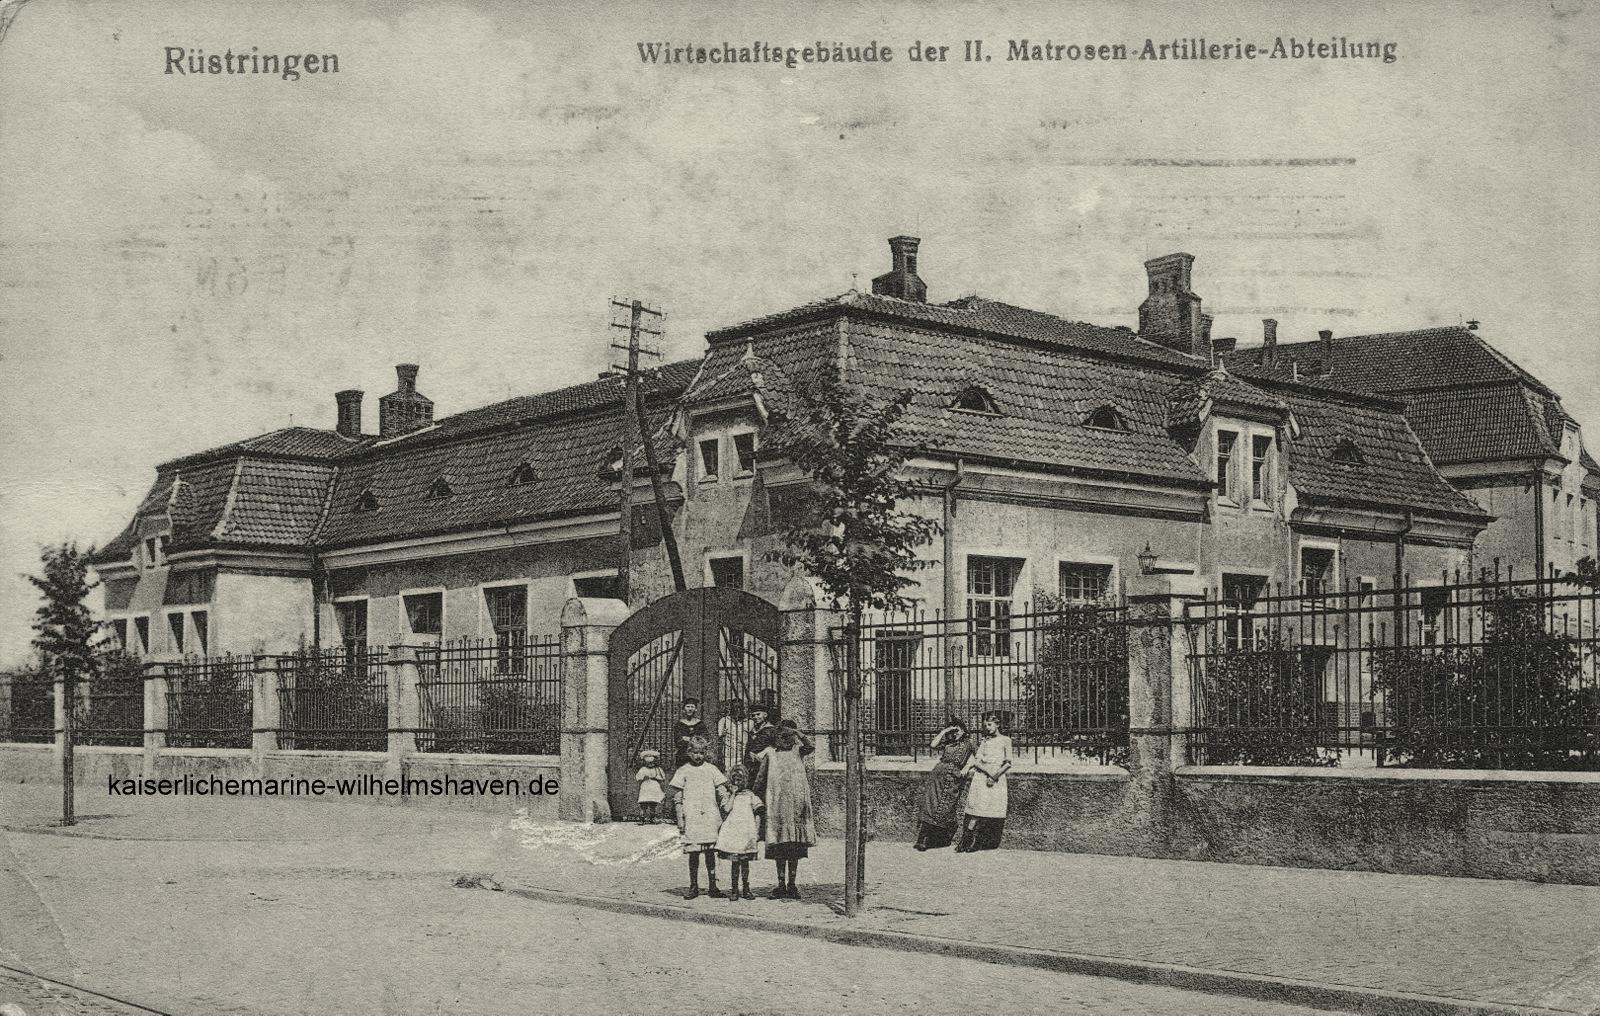 Wirtschaftsgebäude der II. MAA am nördlichen Ende der Kaserne an der Ecke Hegelstraße